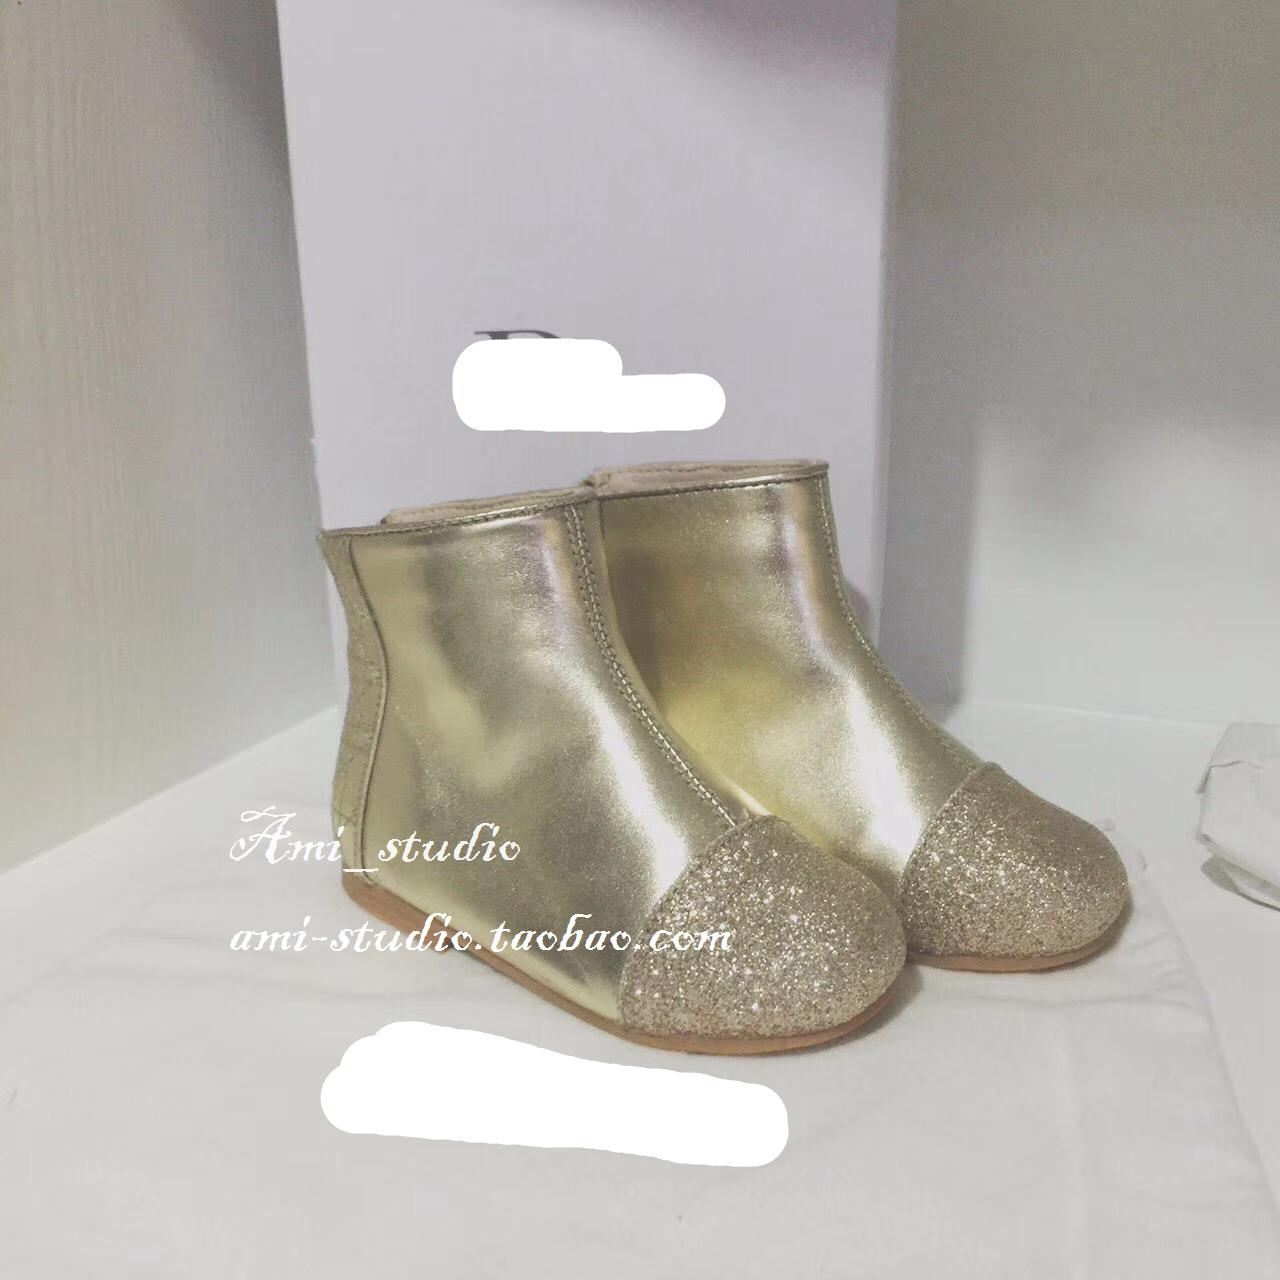 阿米定制儿童加绒金色短靴宝宝银色小羊皮女童靴子